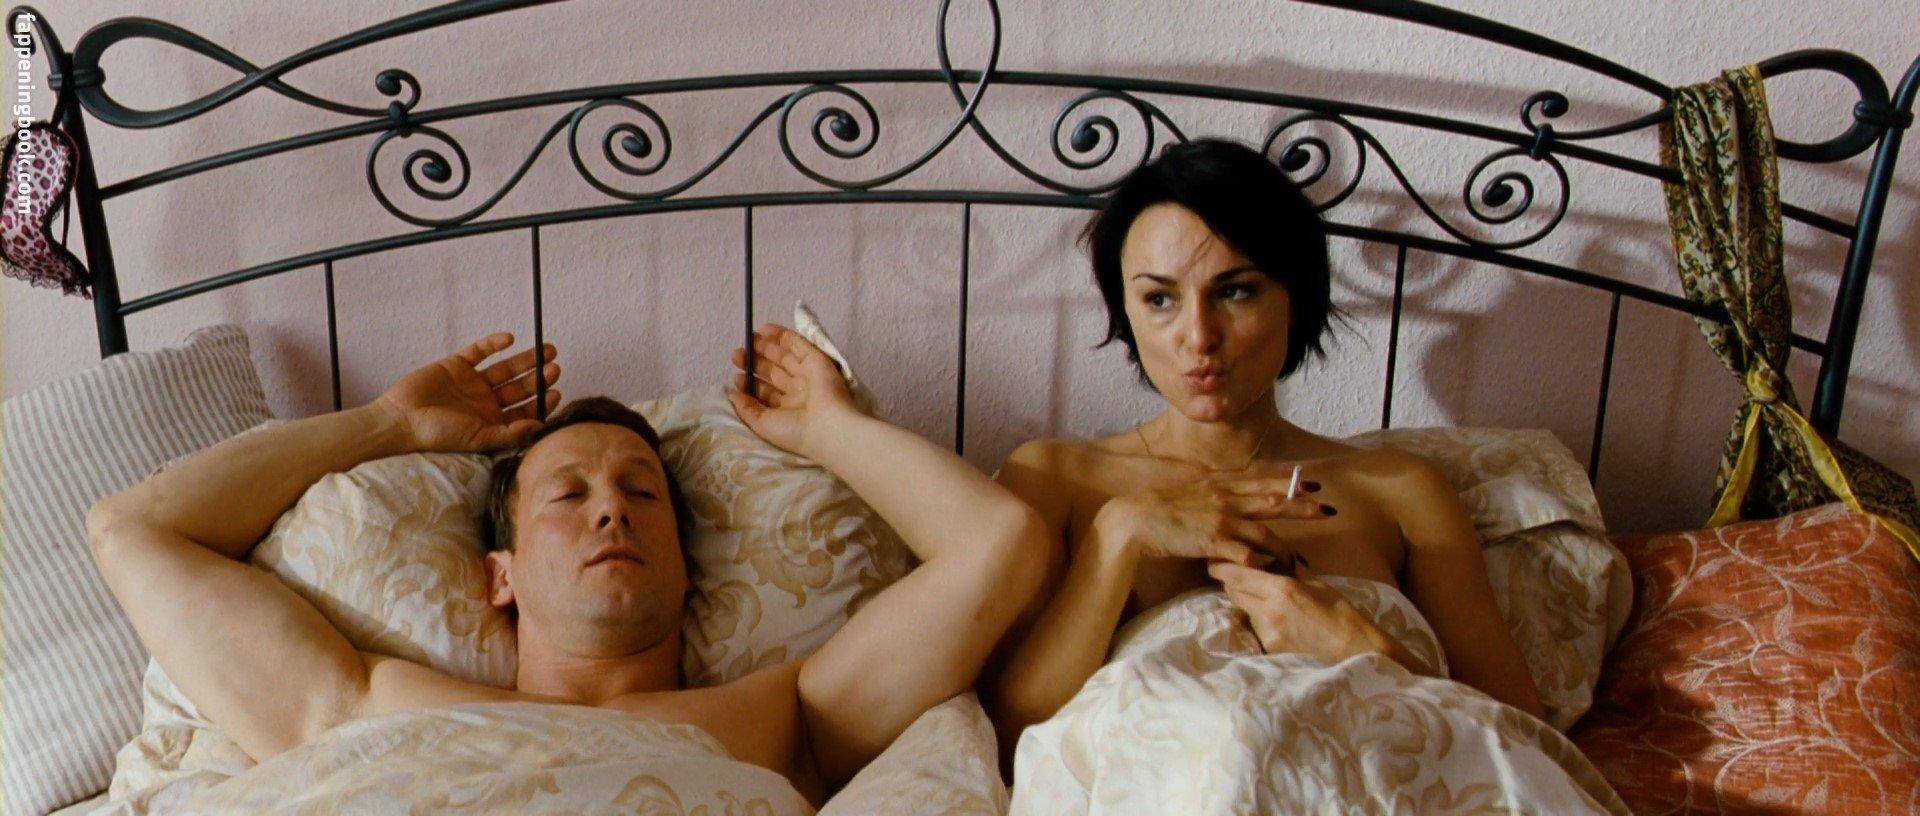 Corella nackt Waring IMDb: Name